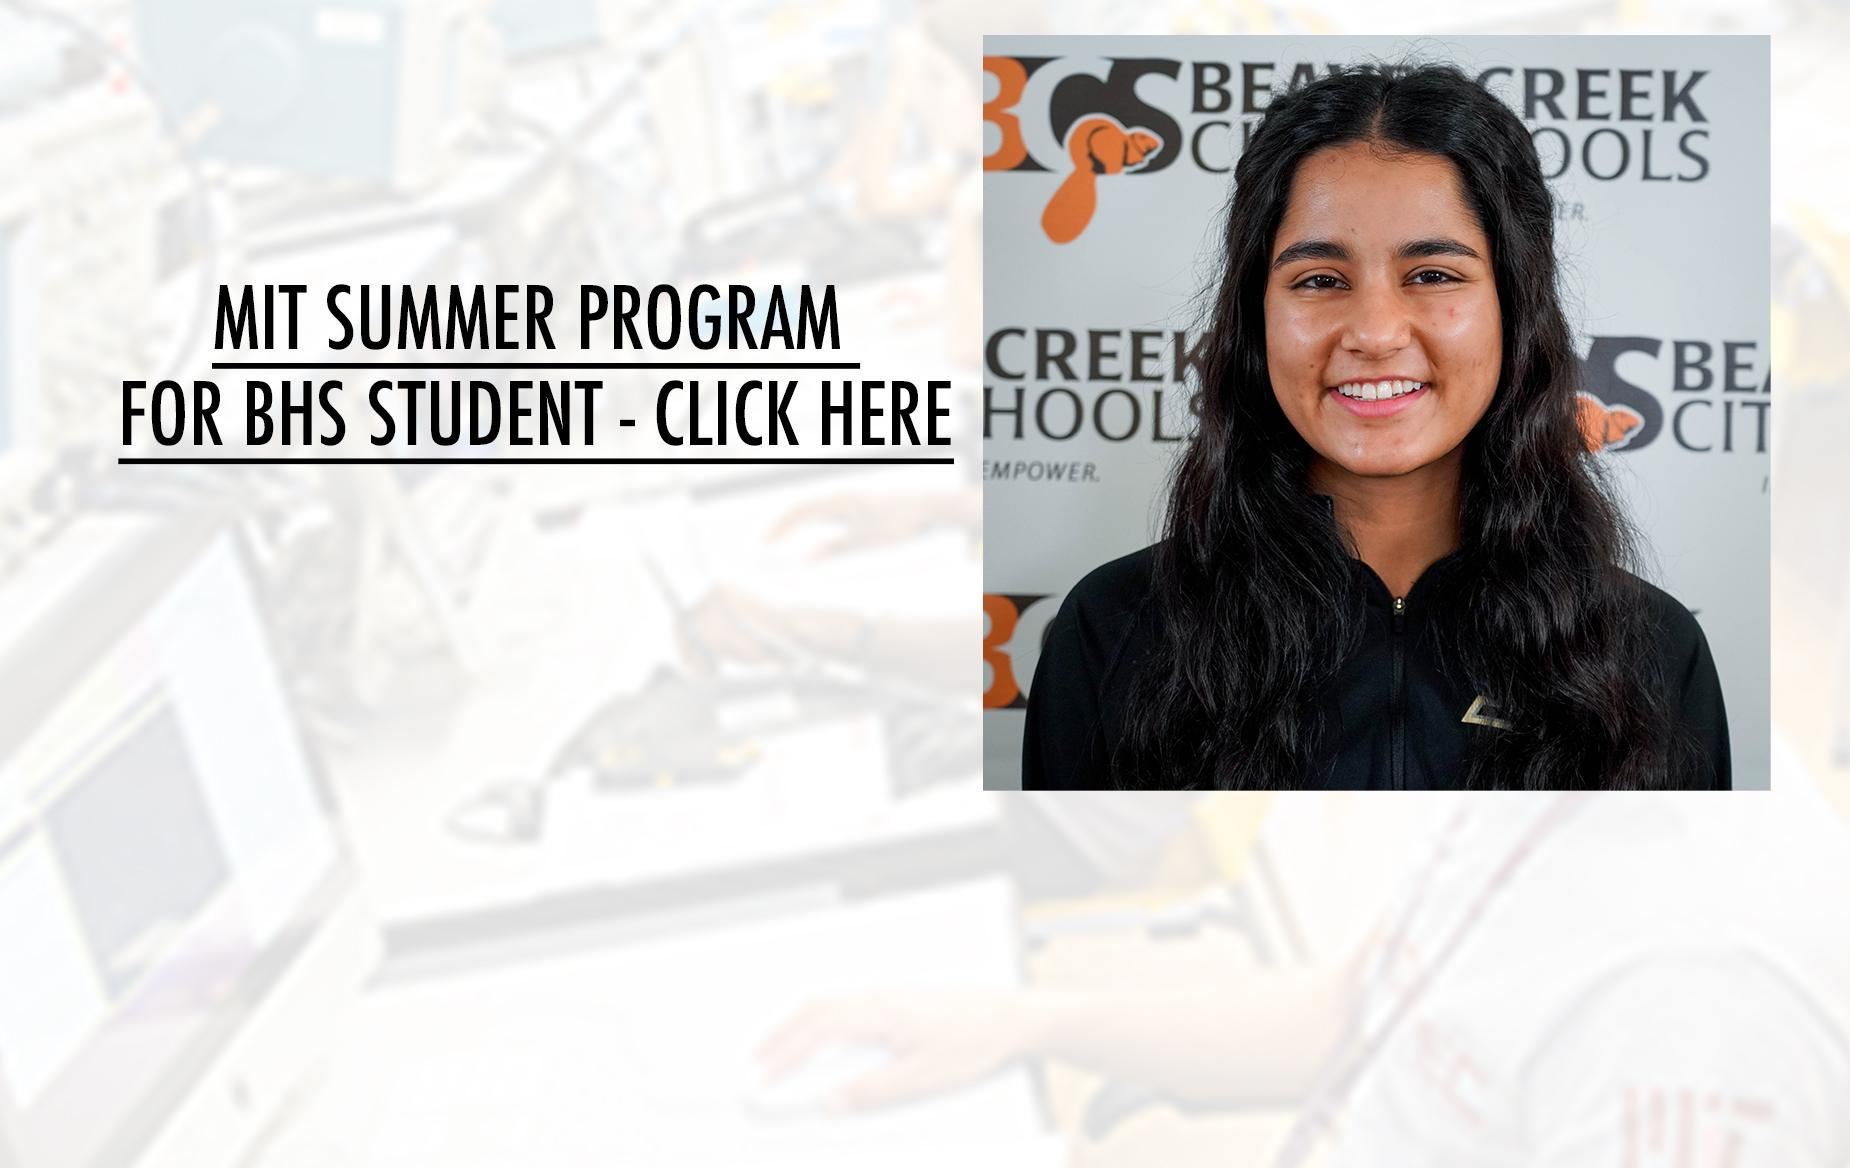 MIT Summer Program